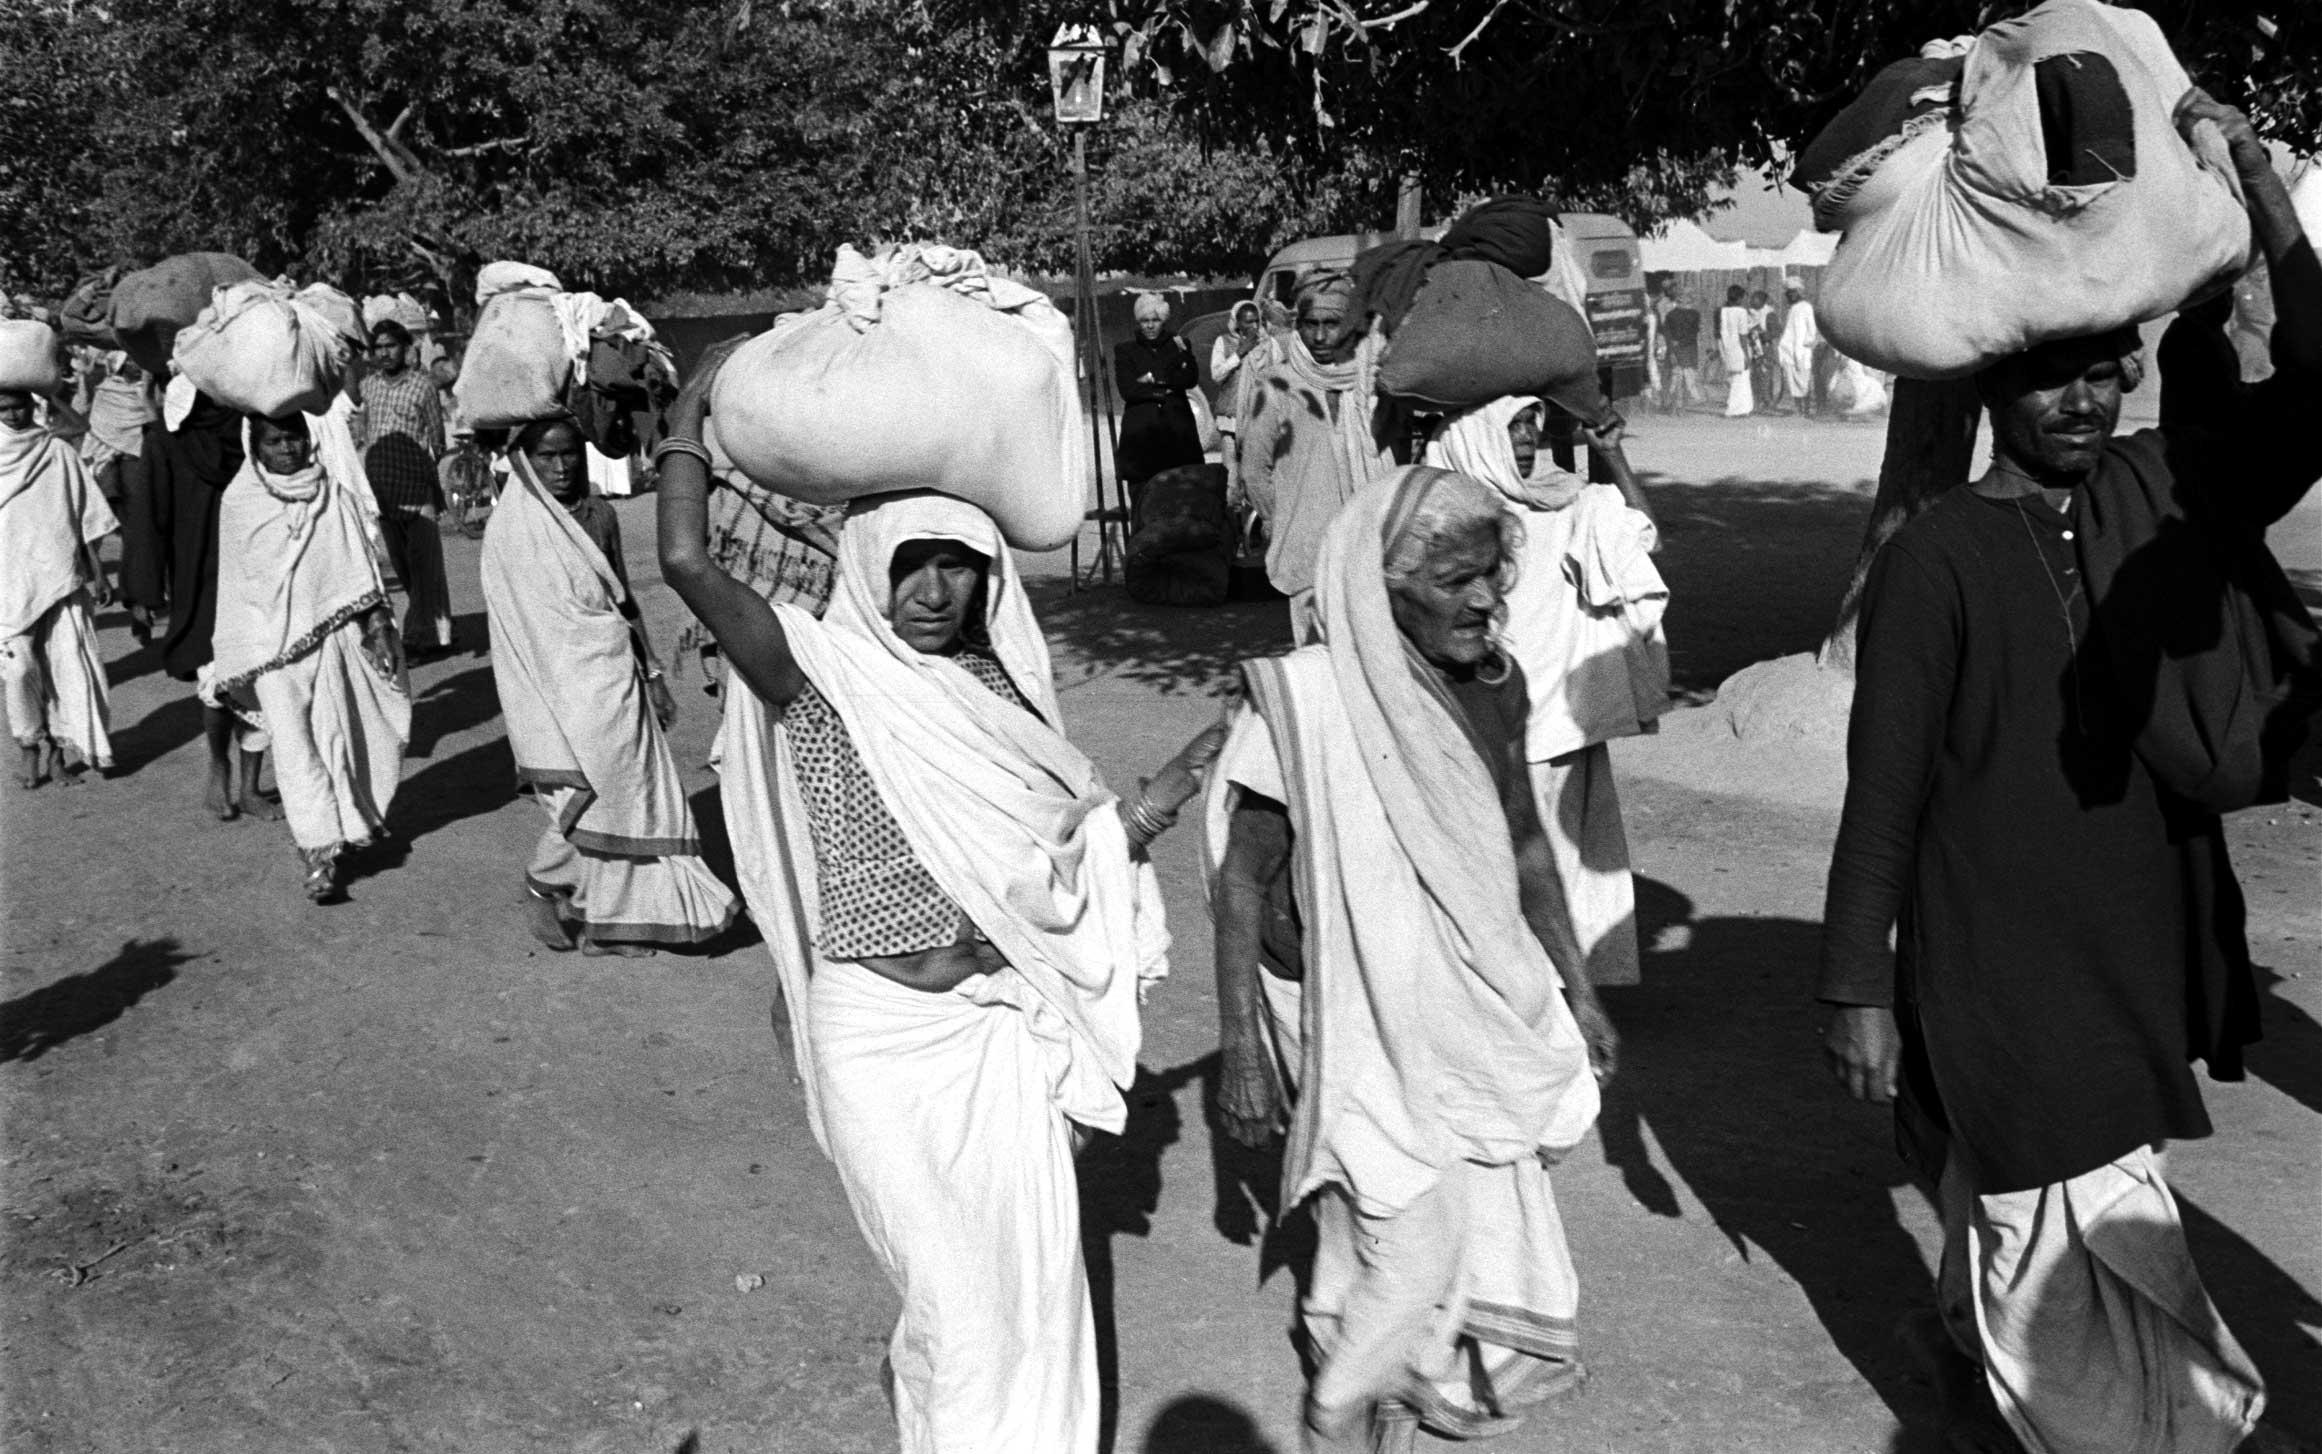 <b>Not originally published in LIFE.</b> Scene during the Kumbh Mela, India, 1953.